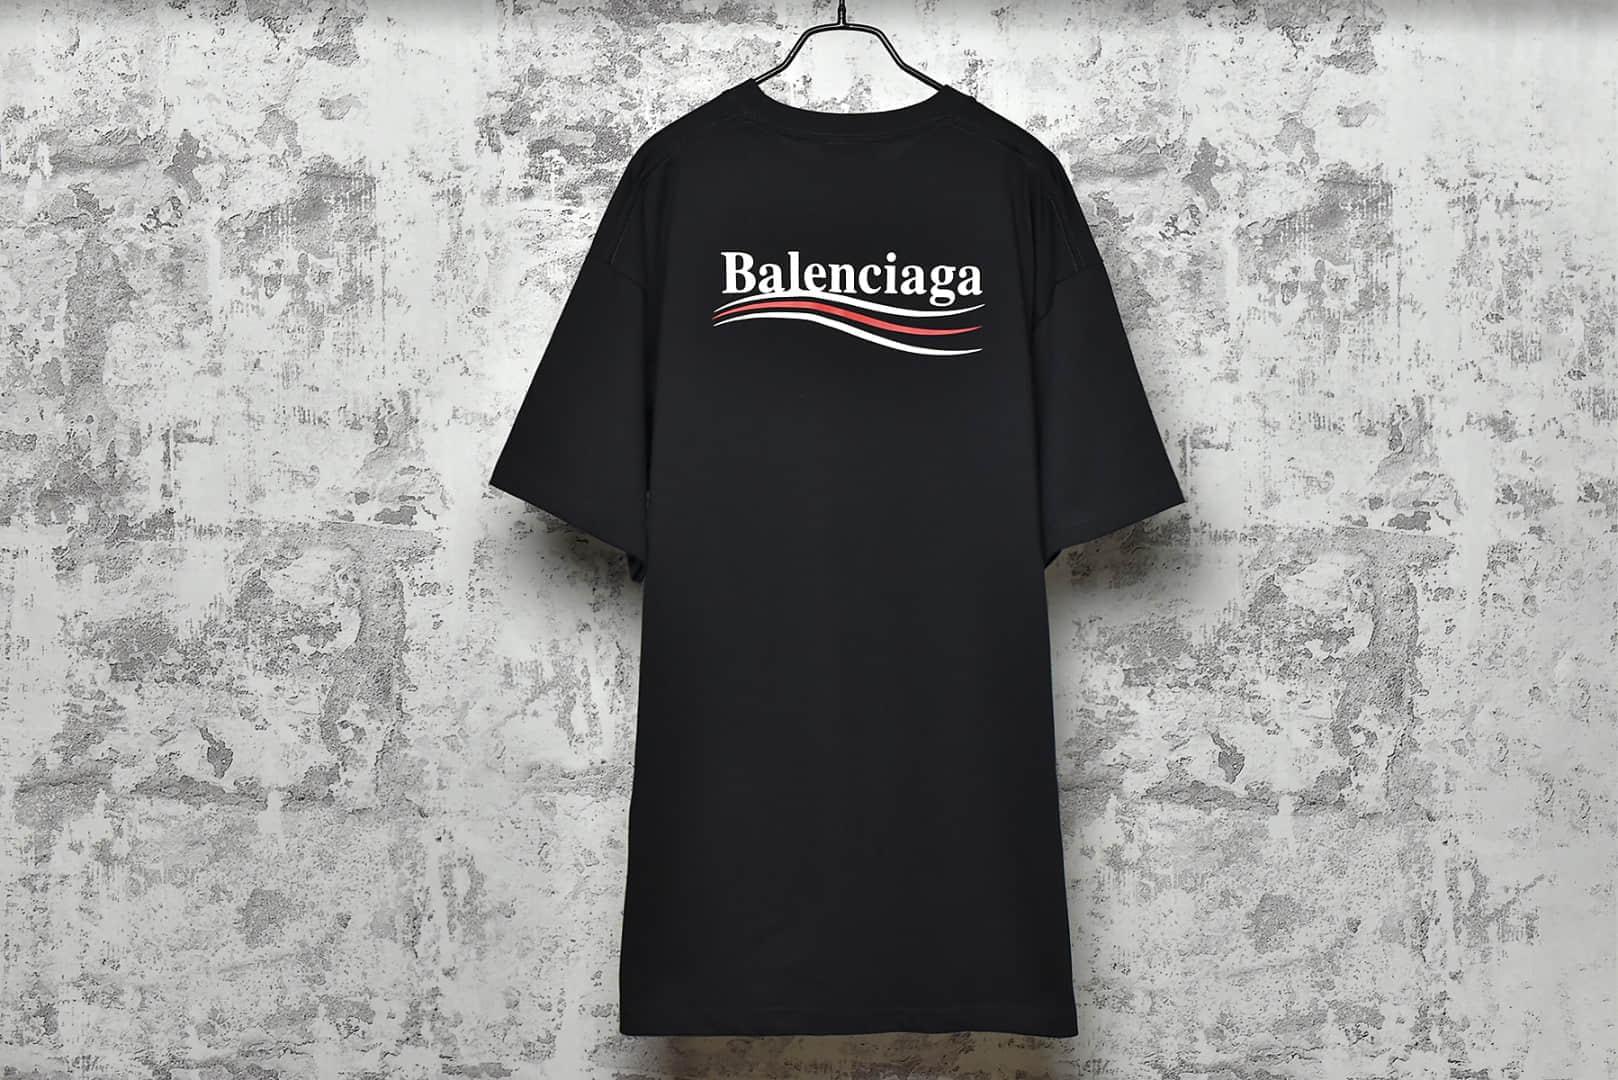 巴黎世家黑可乐波浪印花短袖 Balenciaga 20ss 巴黎世家采用Huafu定纺色纱定织定染面料纱线采用18SJC-潮流者之家